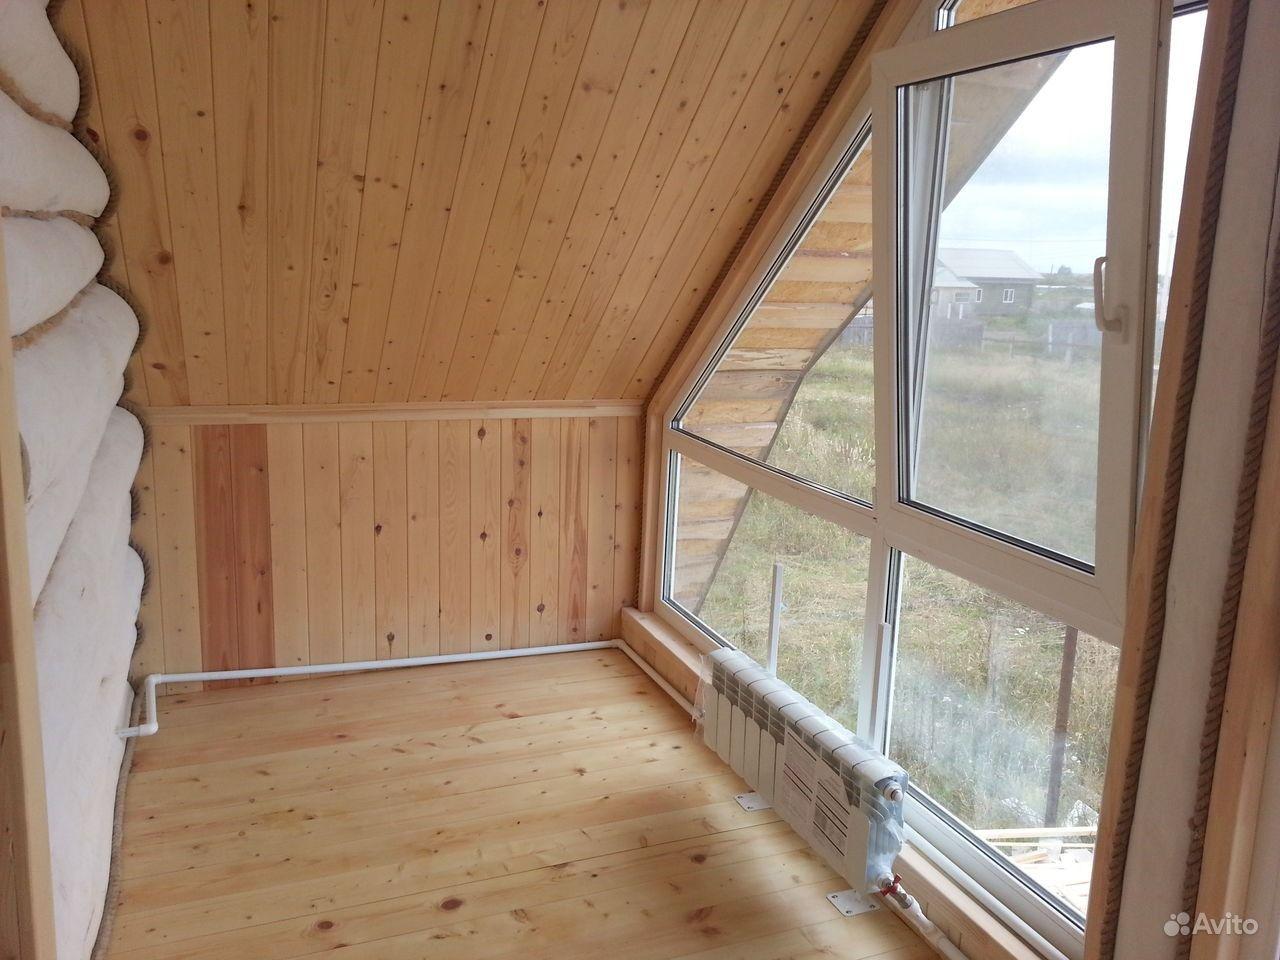 Lambris pour chambre coucher societe renovation calais - Pose lambris pvc sur carrelage ...